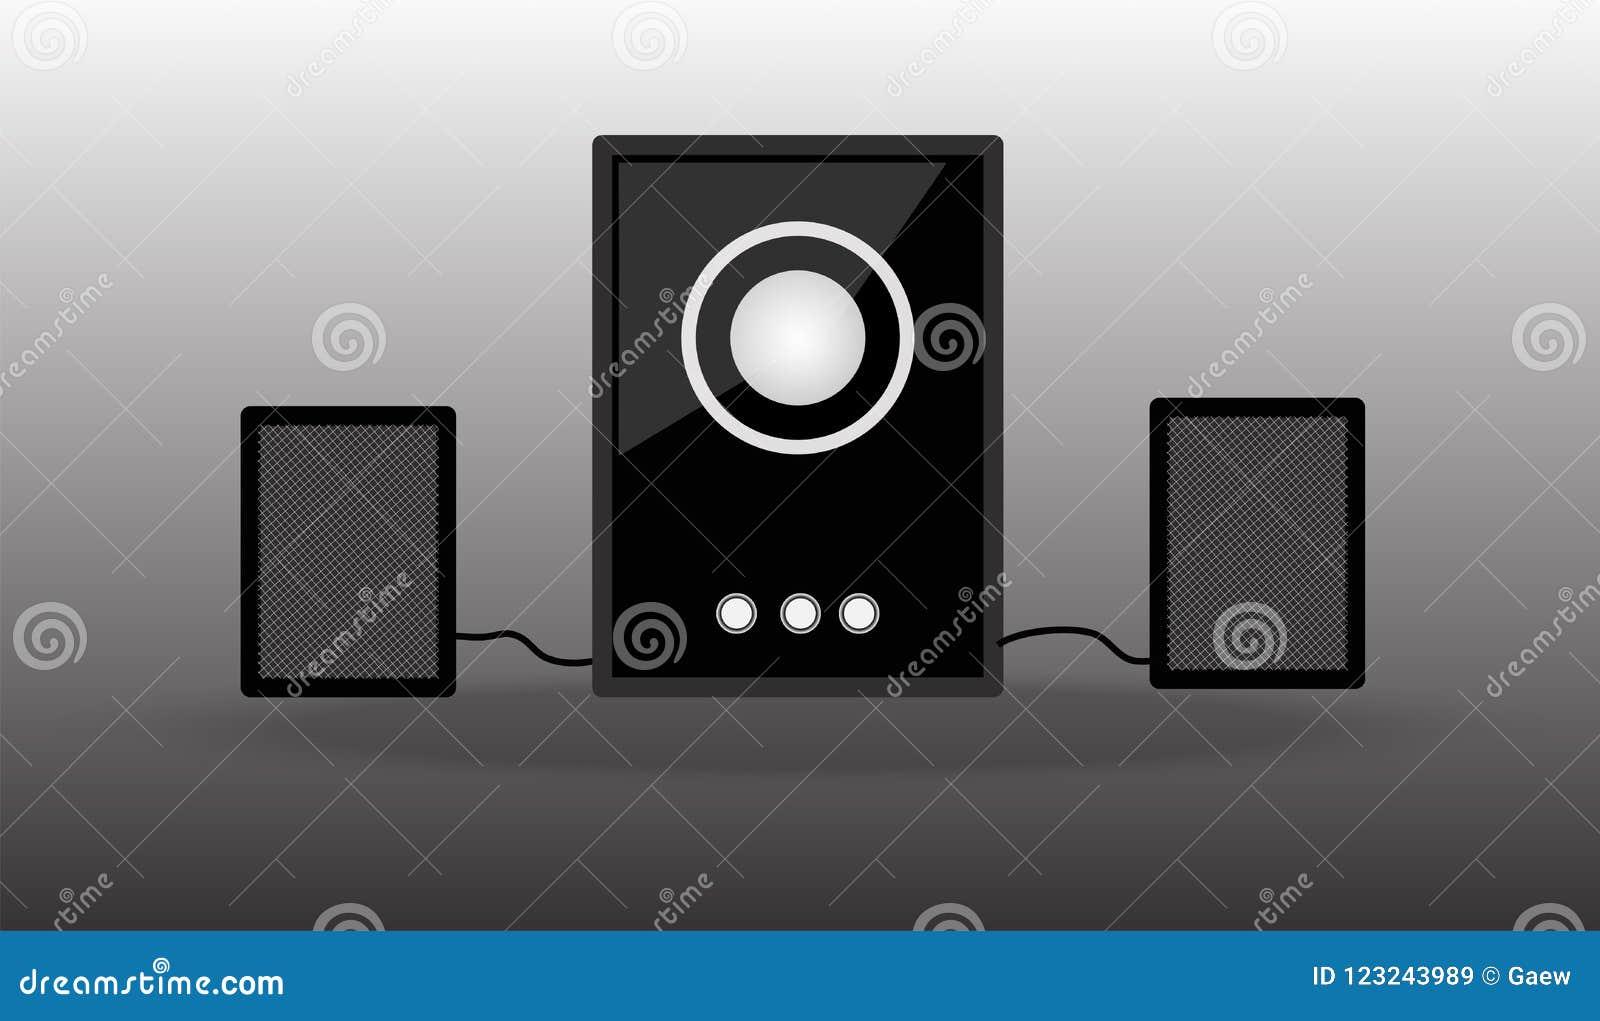 μεγάφωνα Ήχος μουσικής συσκευών ομιλητών πολυμέσων